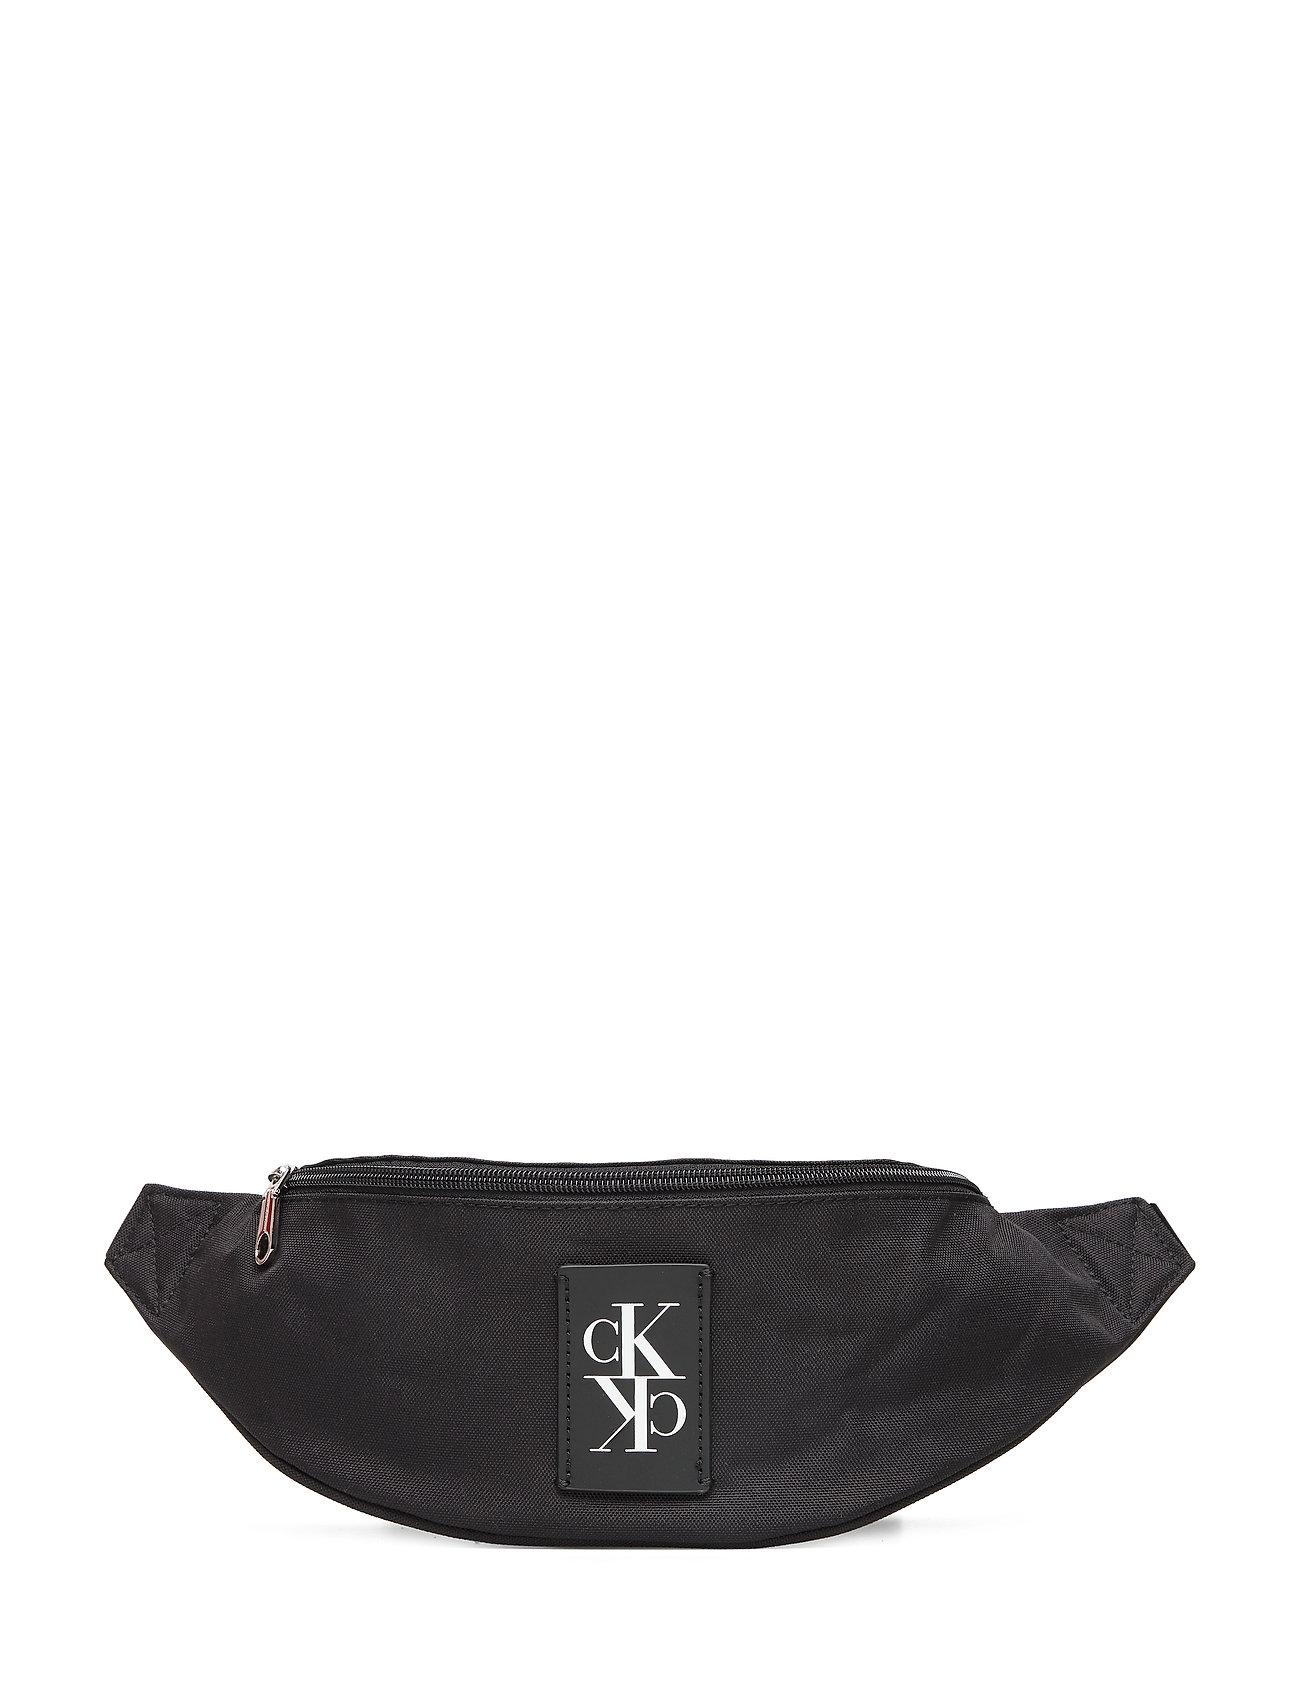 Calvin Klein SPORT ESSENTIALS STREET PACK - BLACK